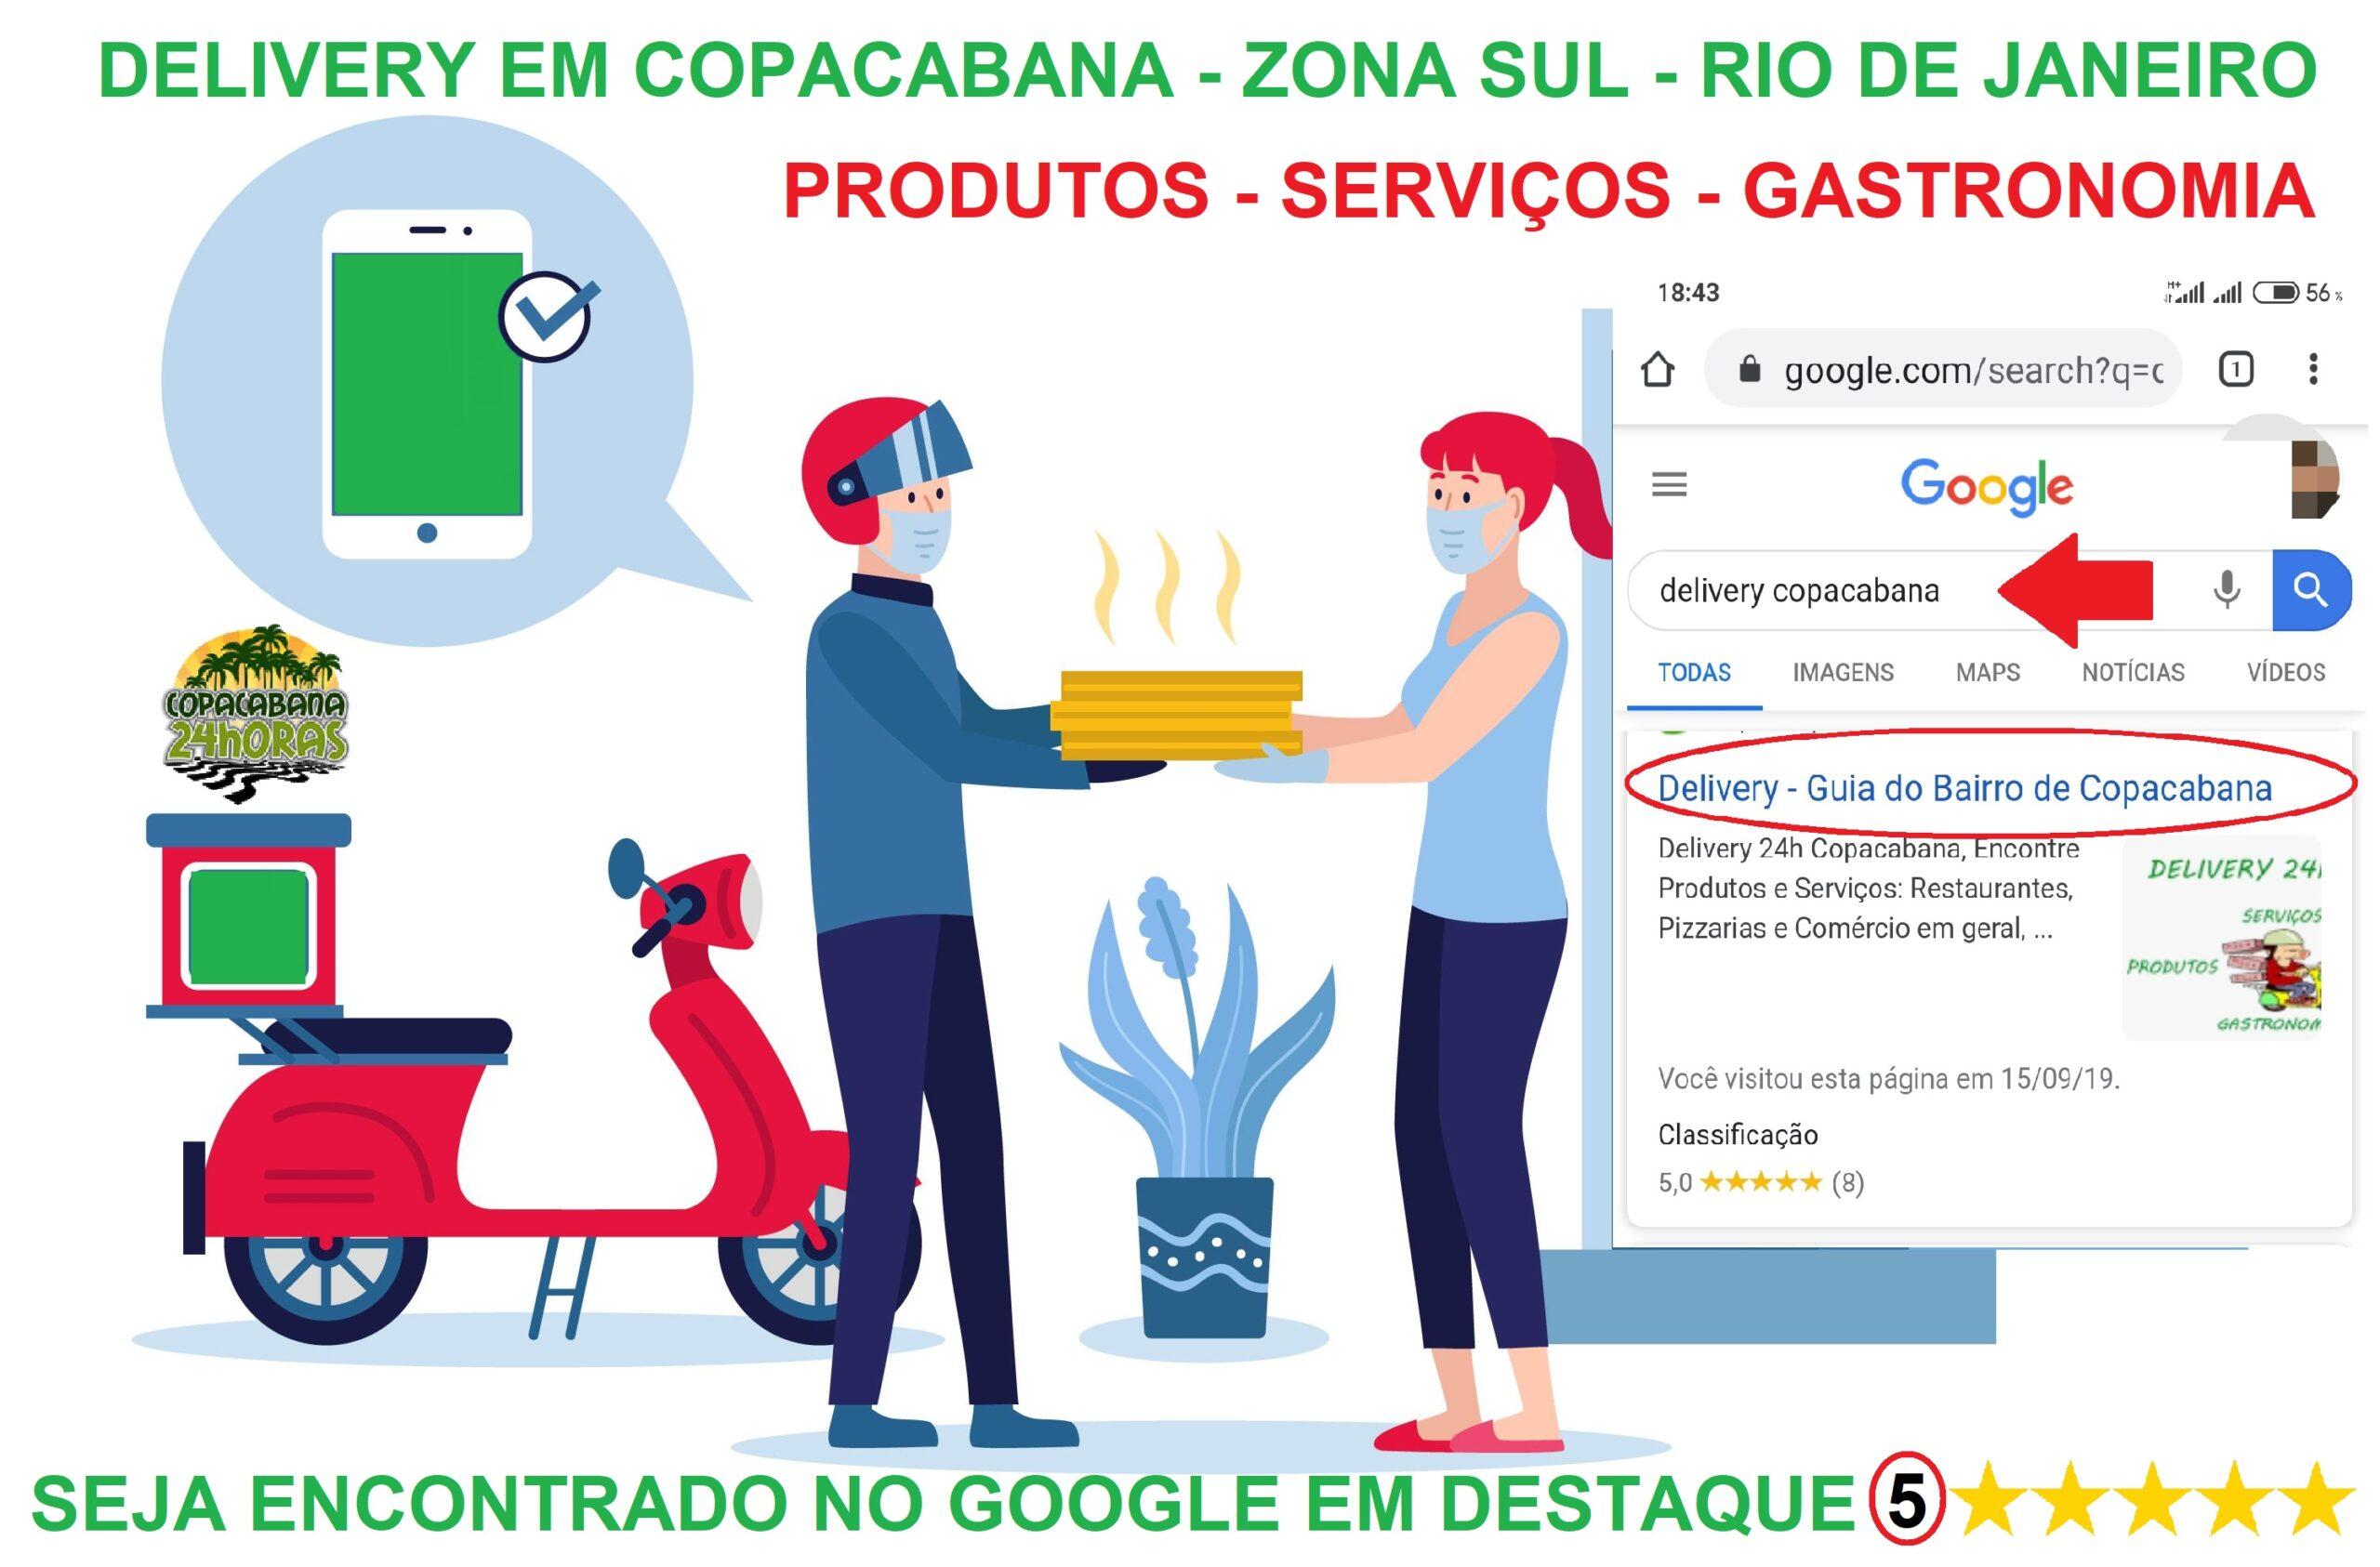 copacabana24horas.com.br-entrega-delivery-em-copacabana-zona-sul-rio-de-janeiro